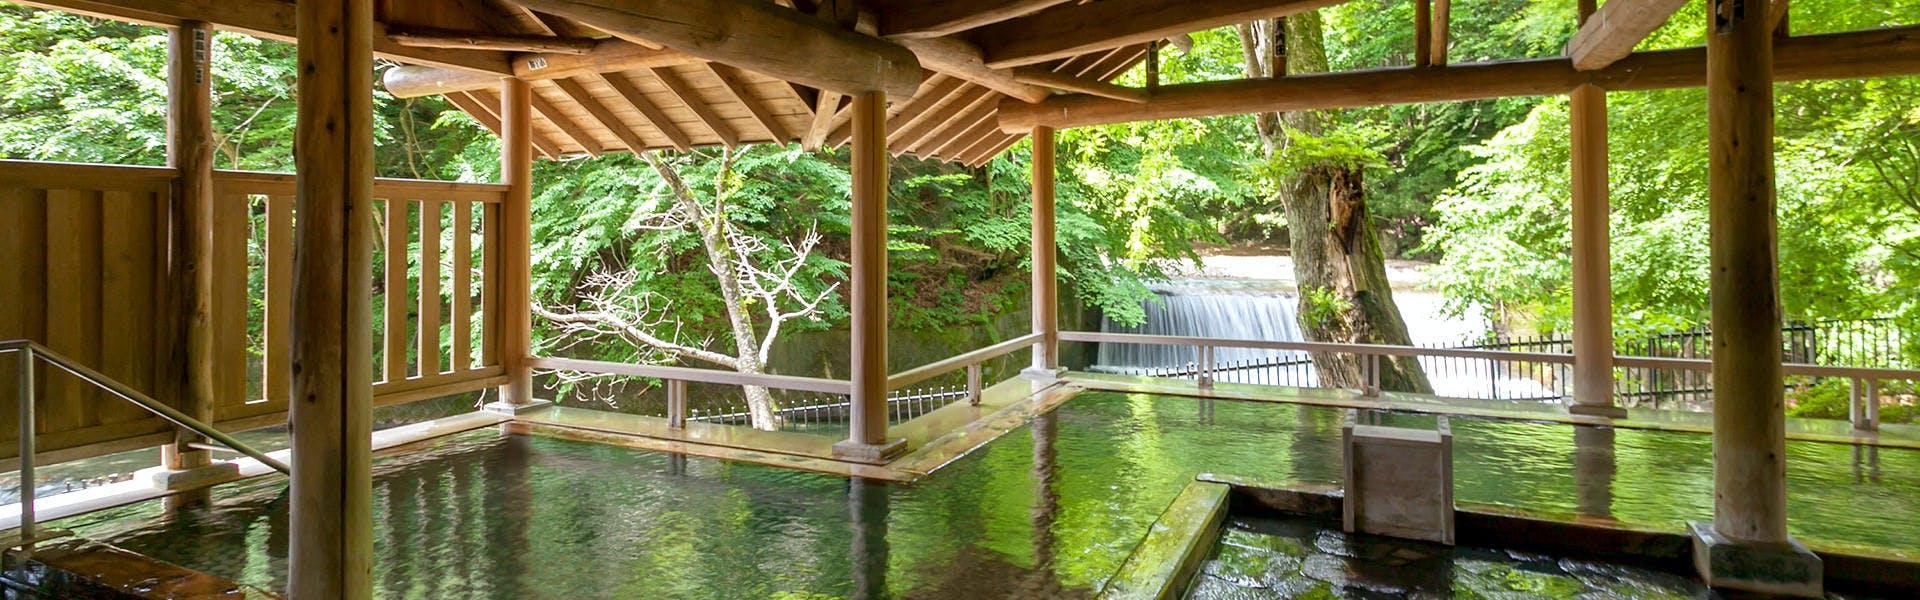 記念日におすすめのホテル・温泉三昧の宿 四万たむらの写真2